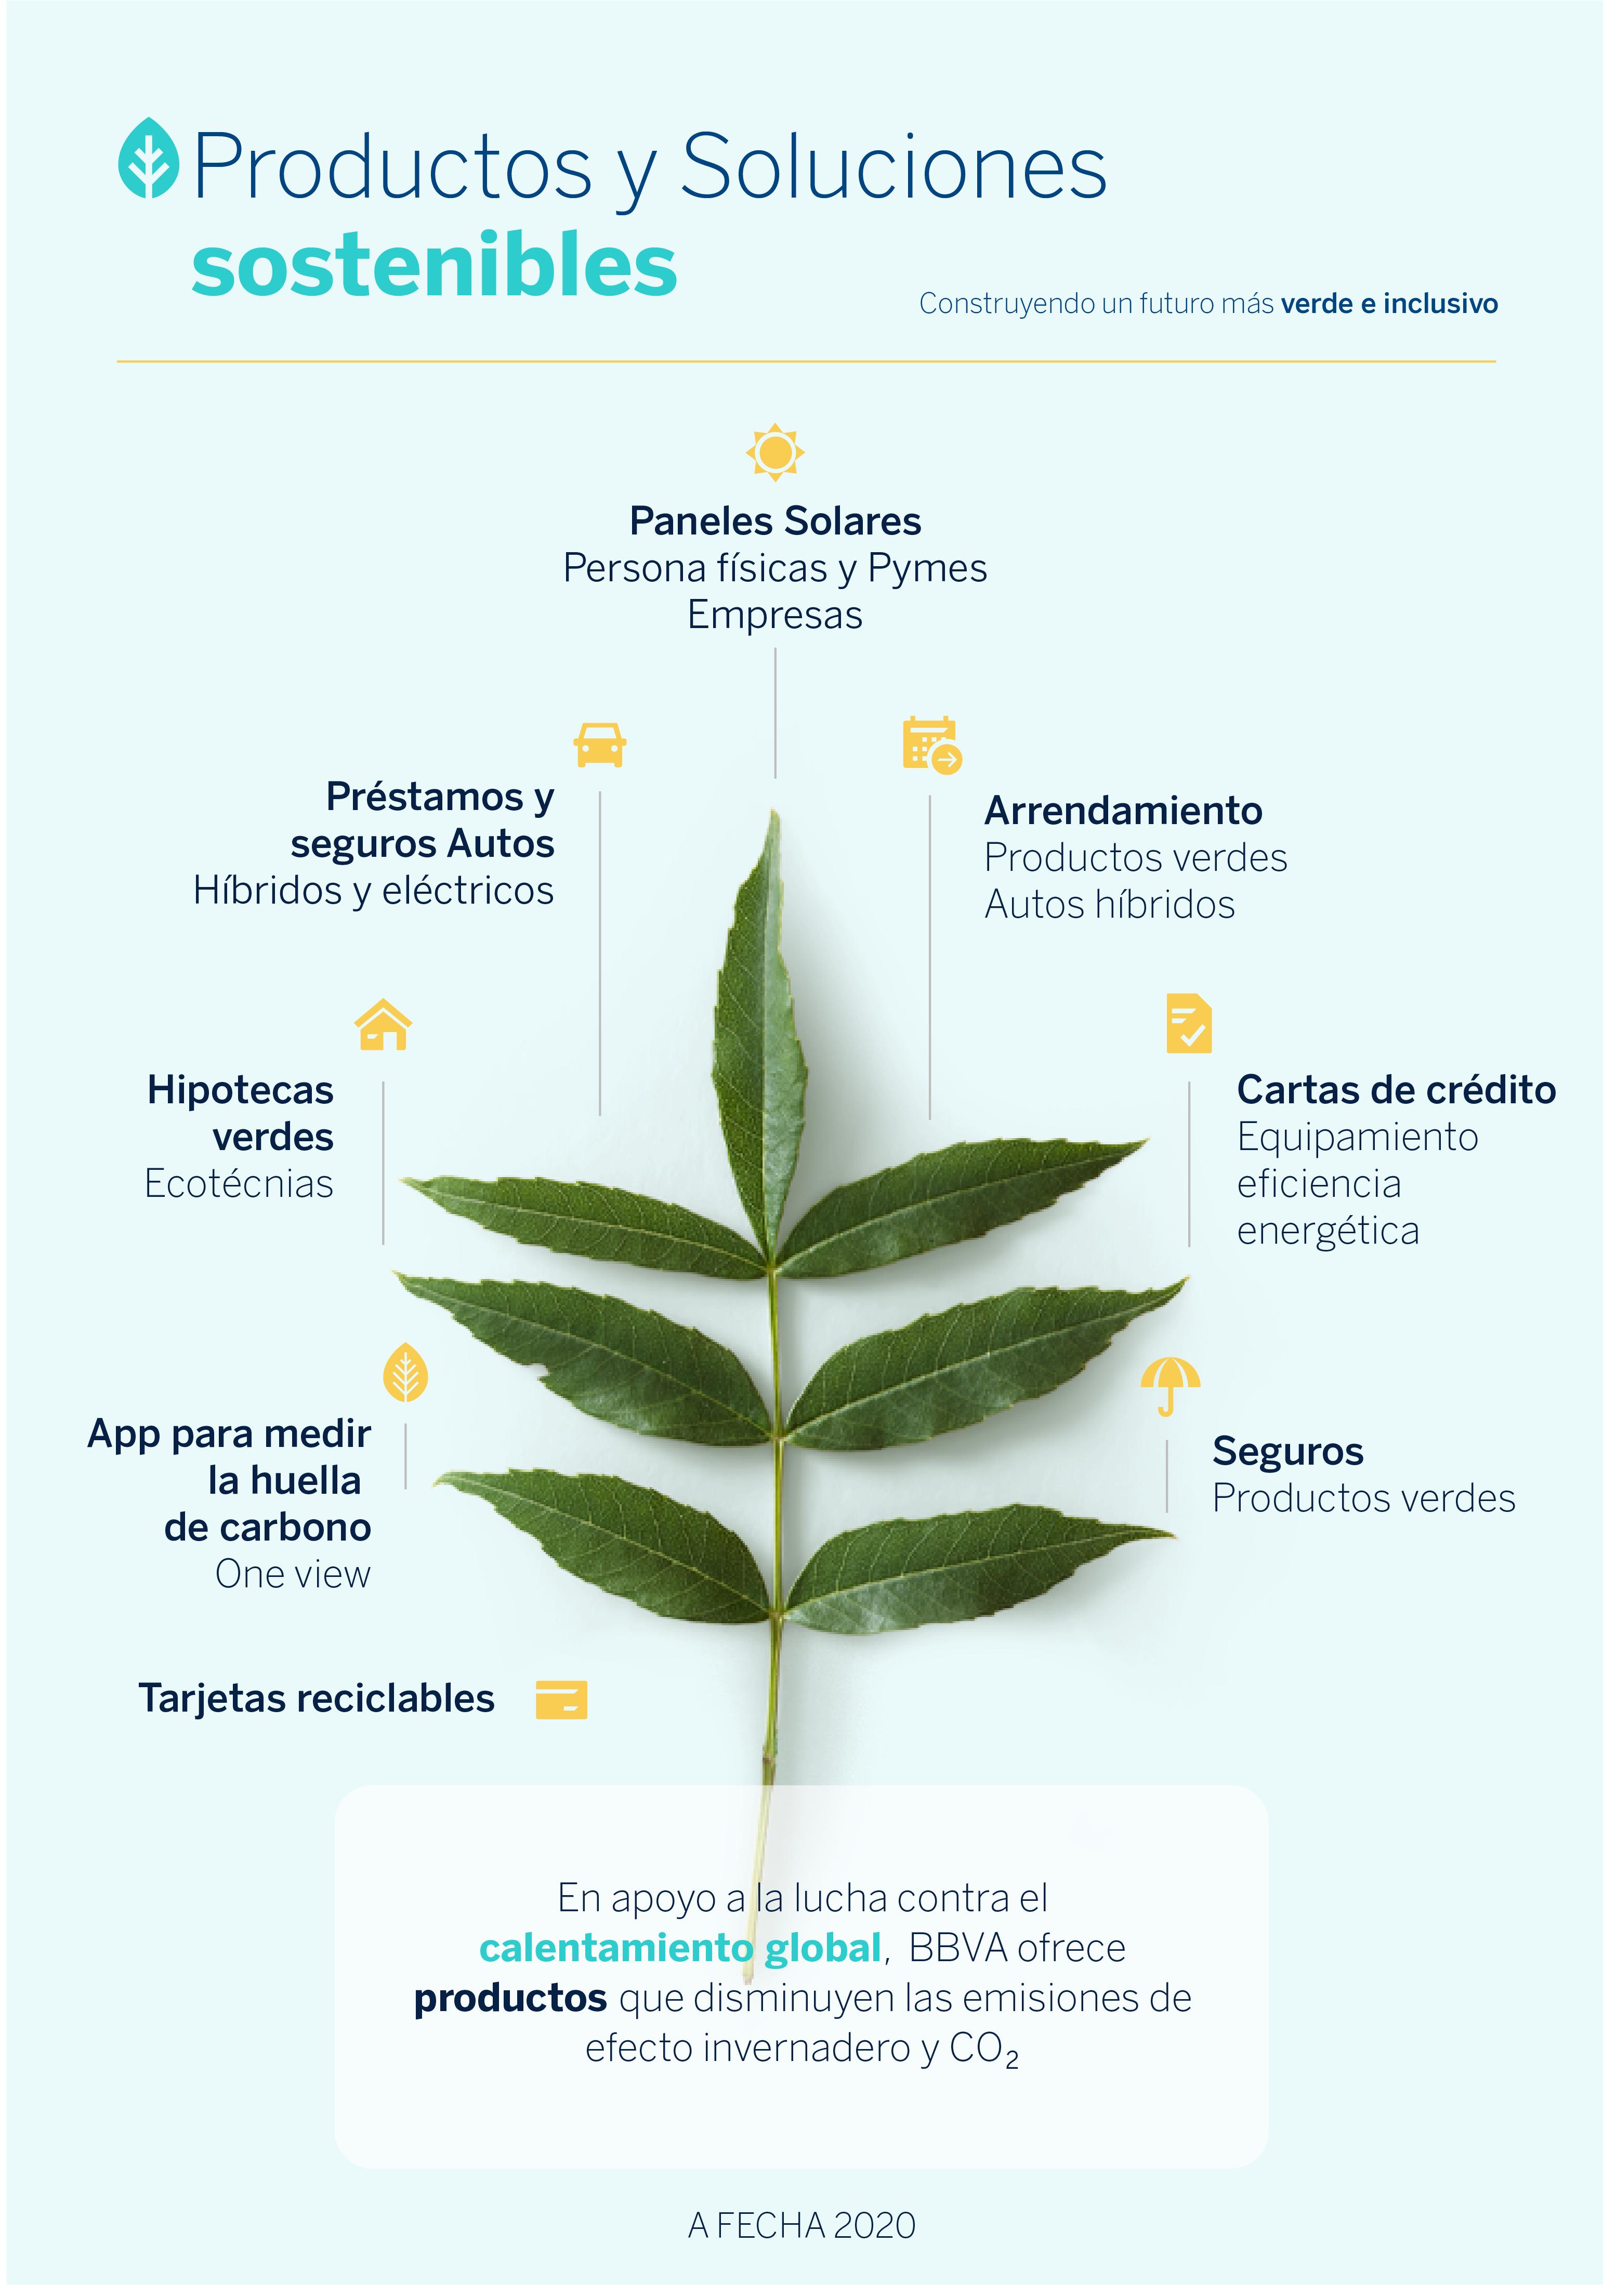 productos-sostenibles-BBVA-sostenibilidad